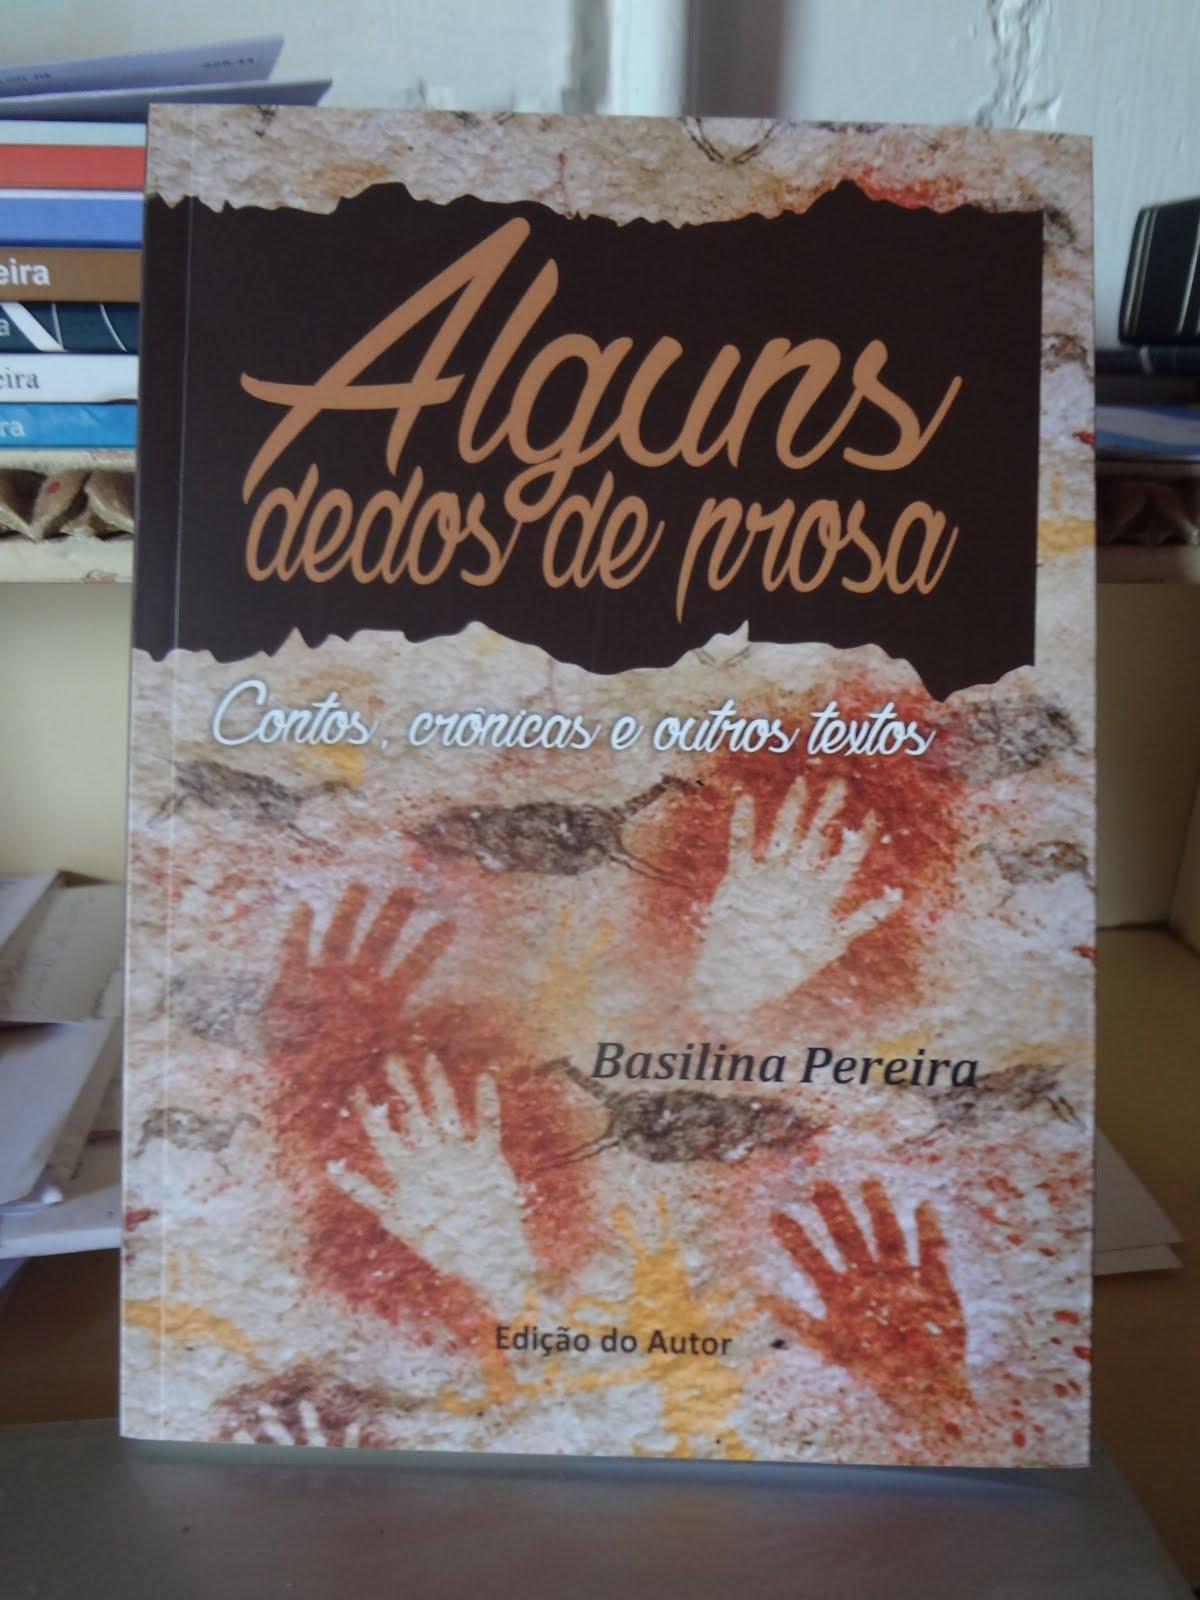 ALGUNS DEDOS DE PROSA